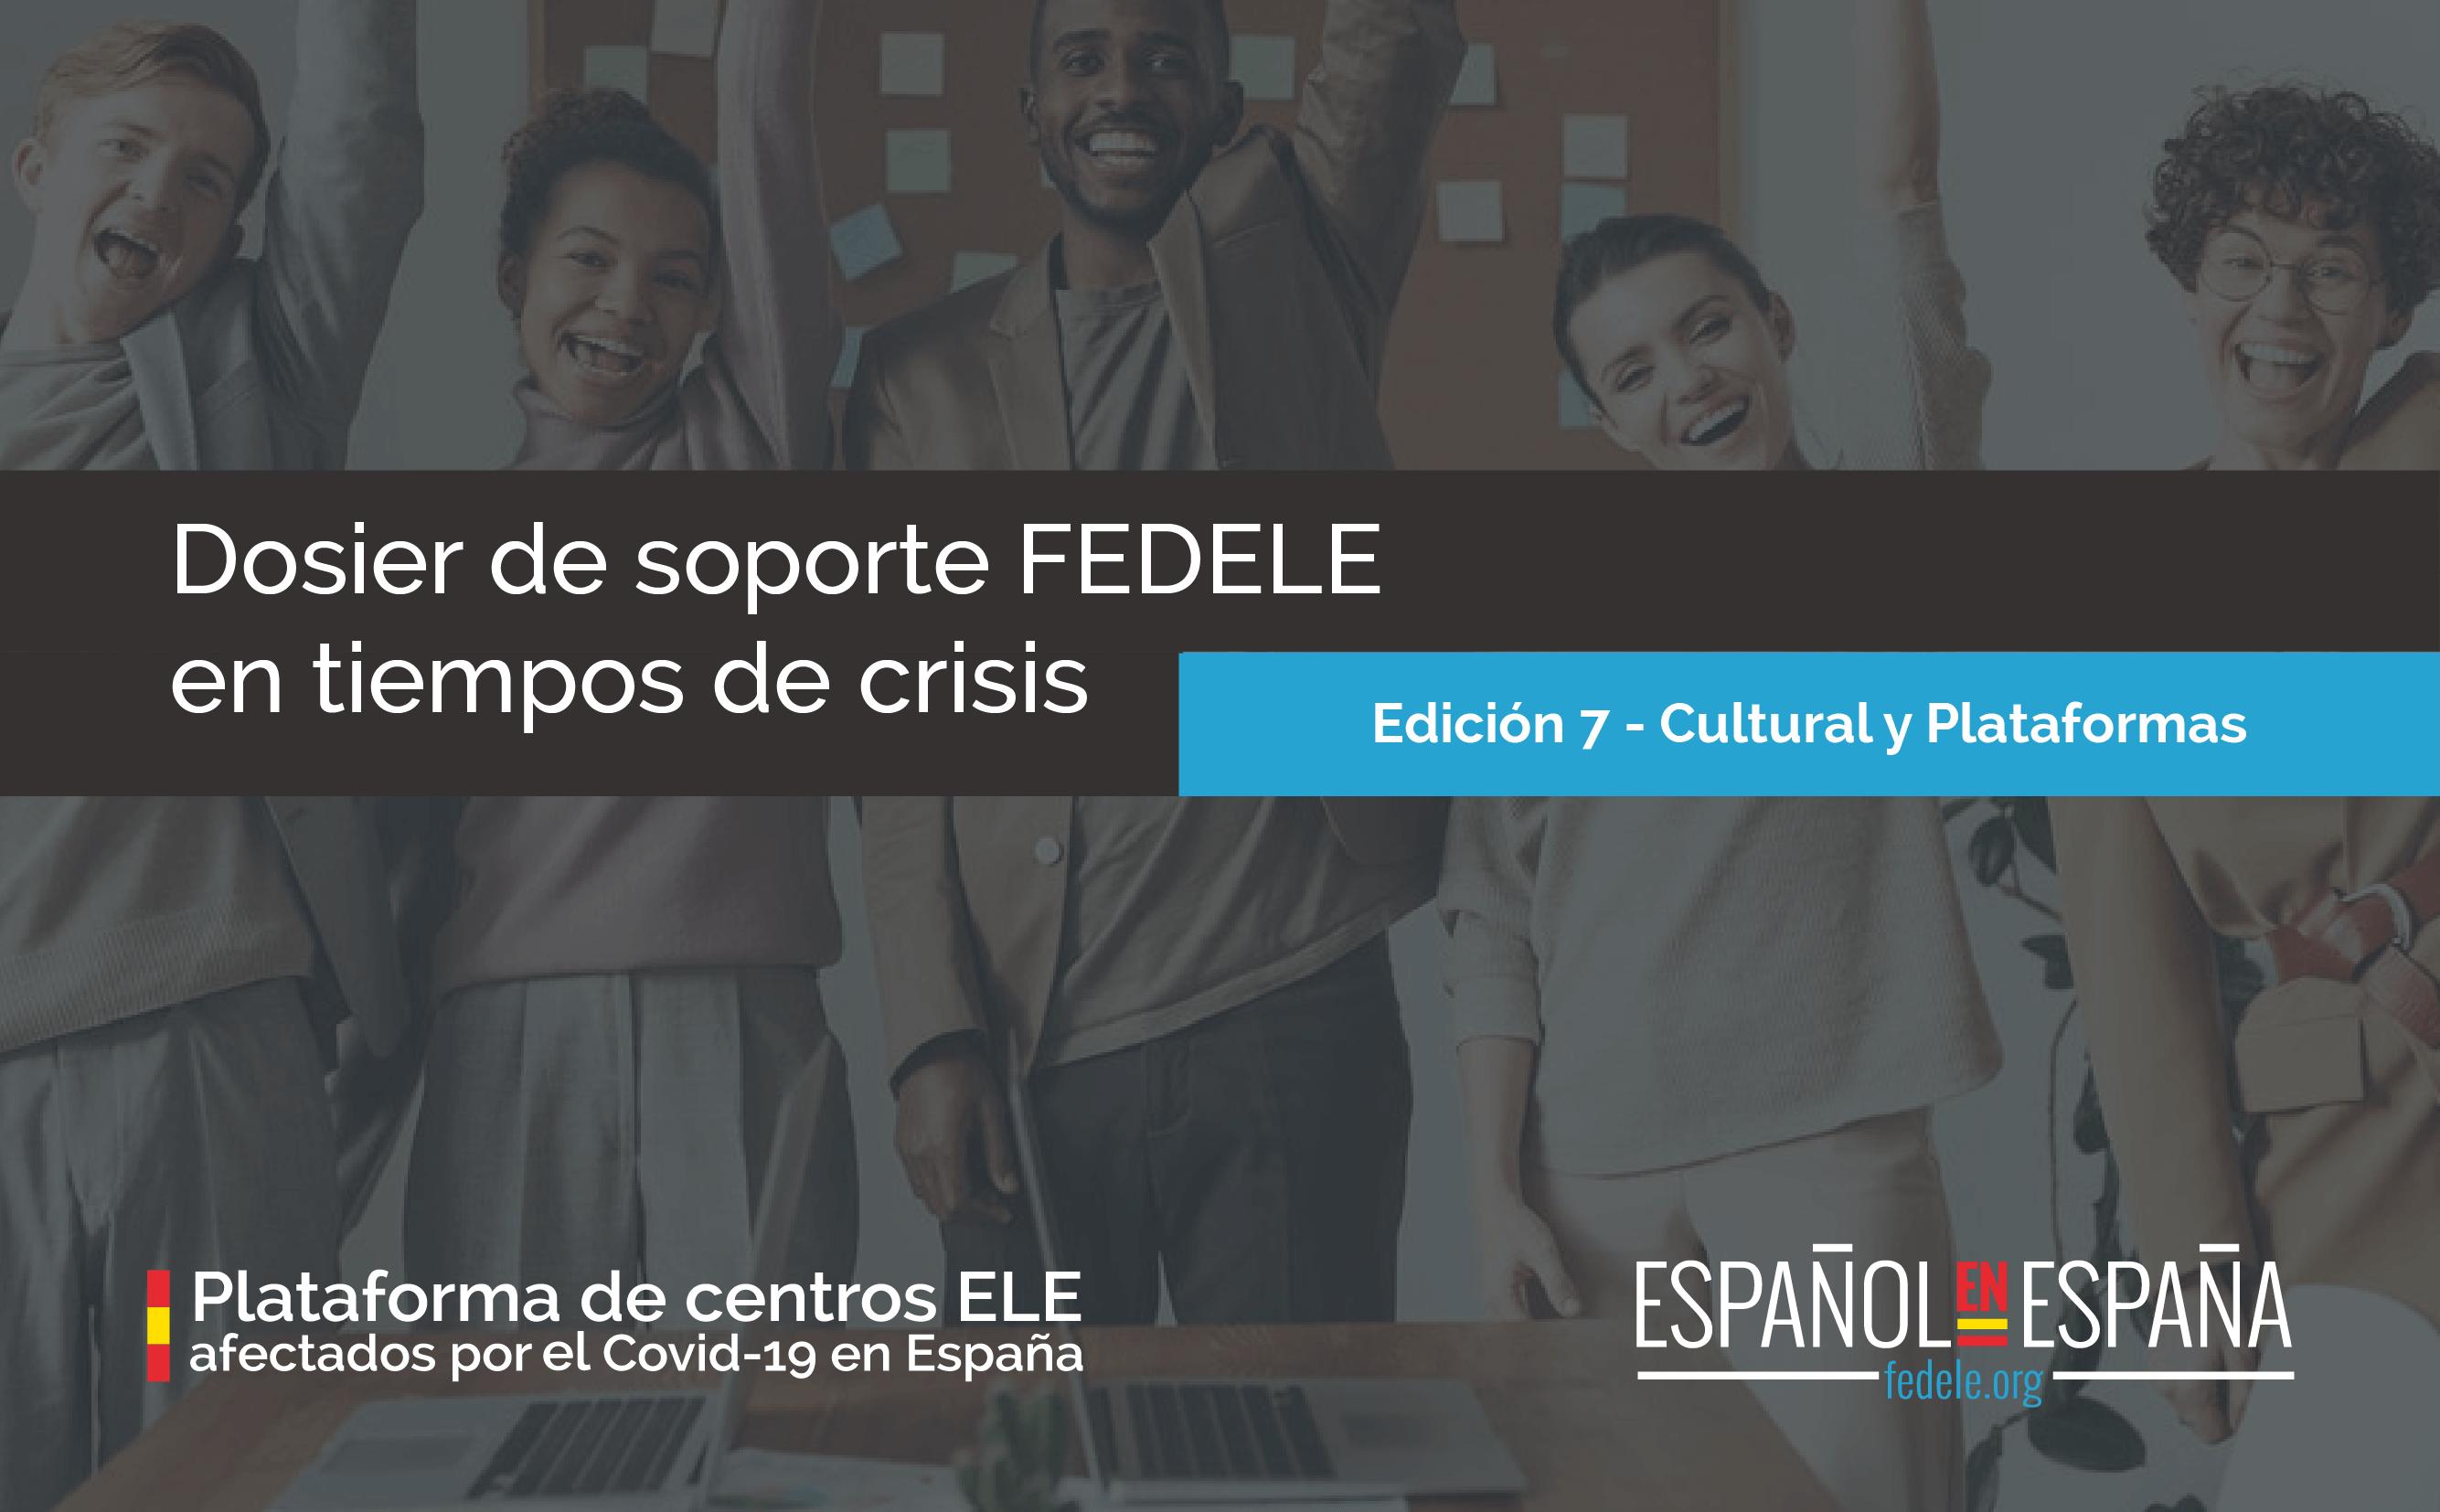 Dosier de soporte FEDELE en tiempo de crisis – Séptima edición en abierto